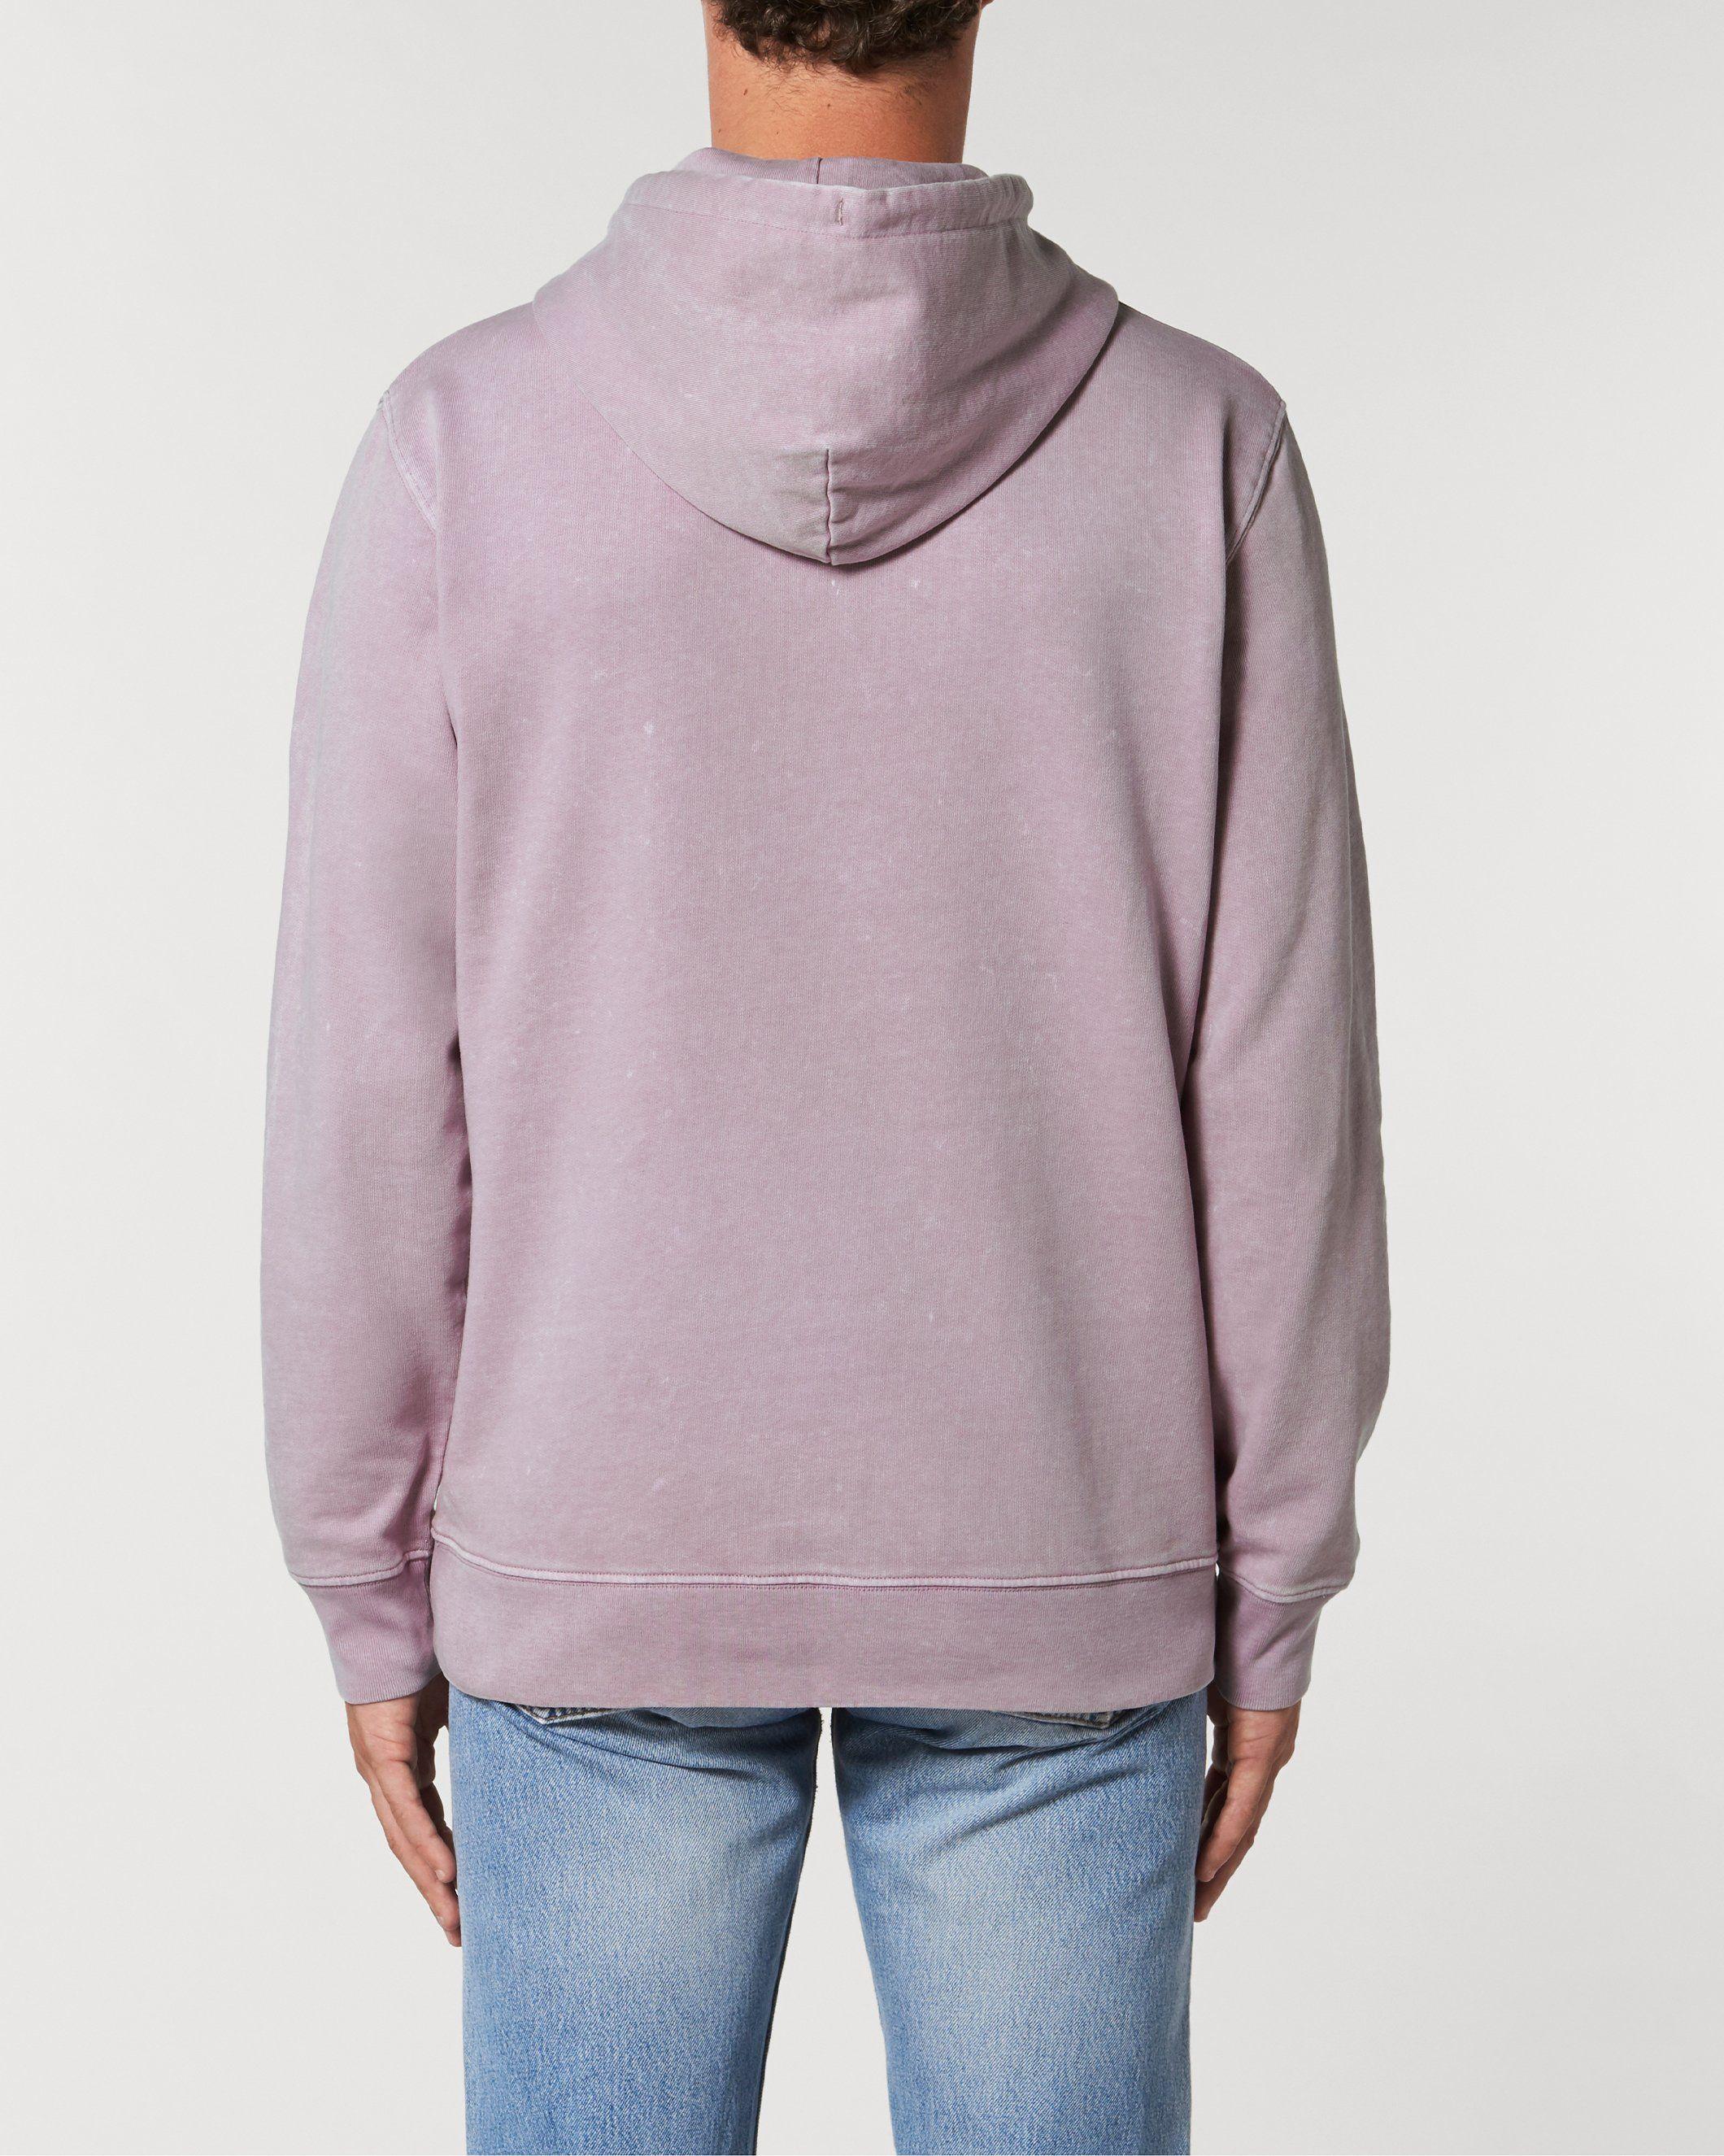 Mandala Unisex Vintage Hoodie Sweatshirt in Purple